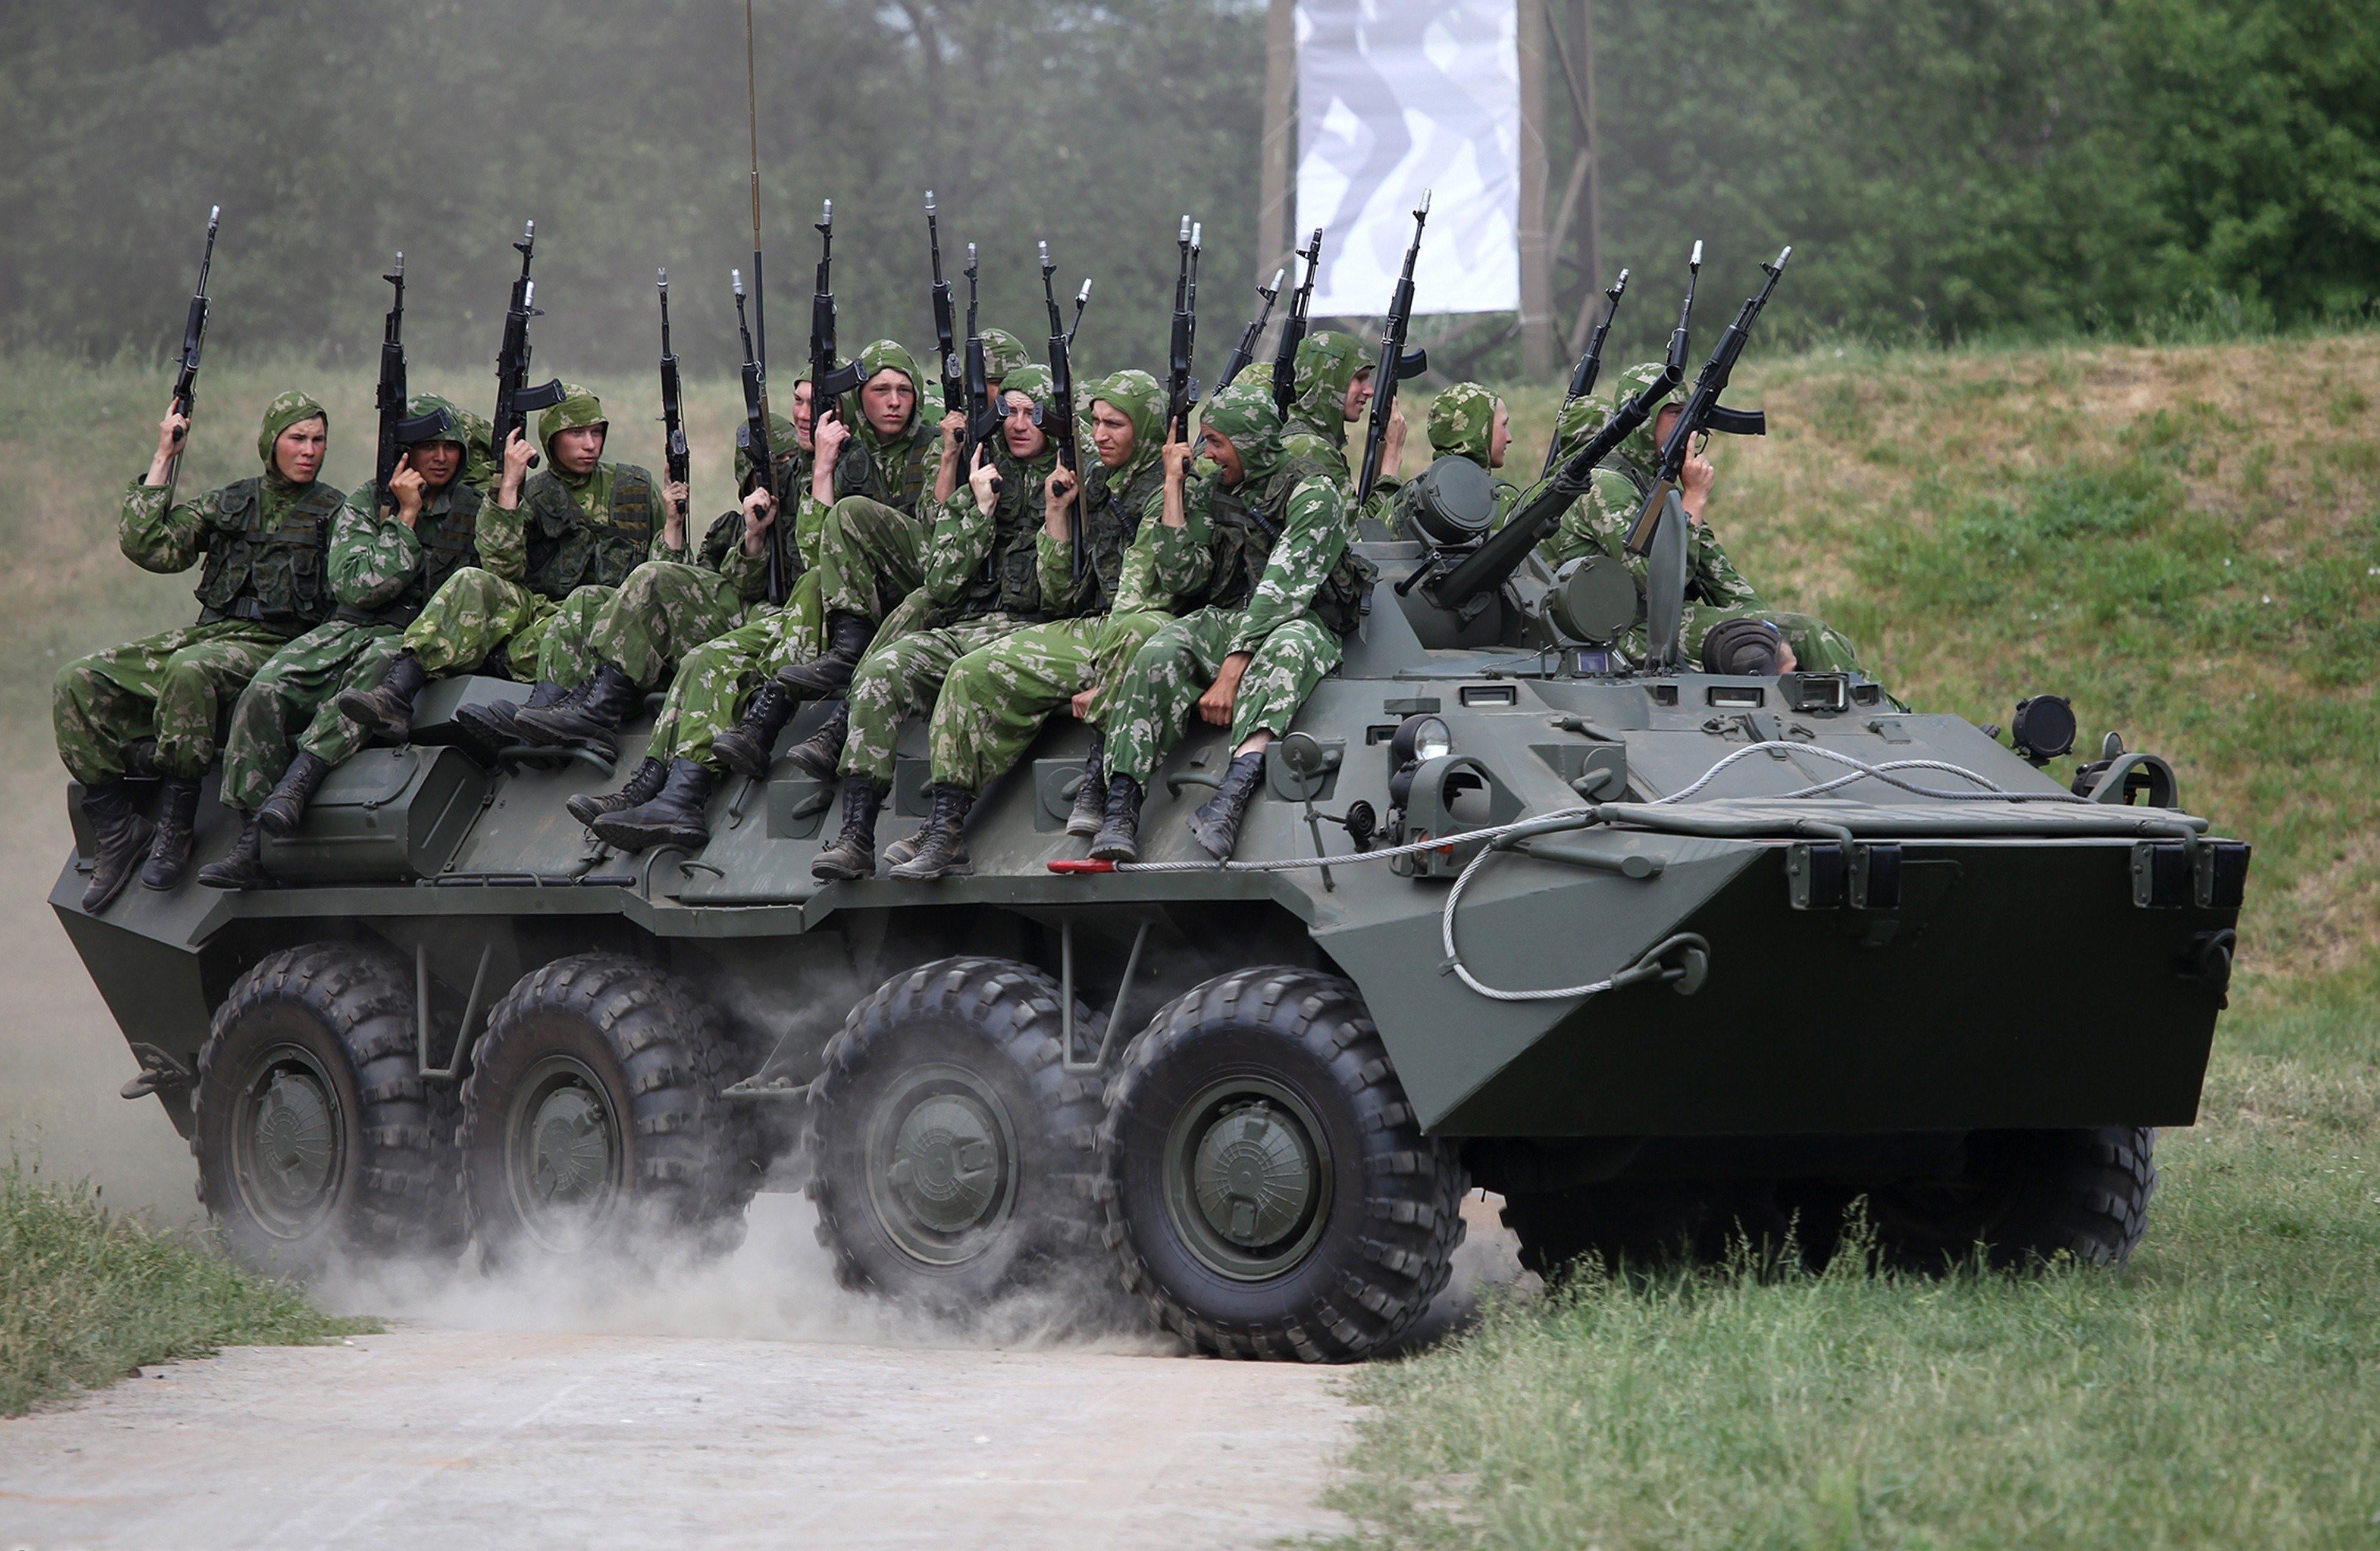 Солдаты и военная техника картинки